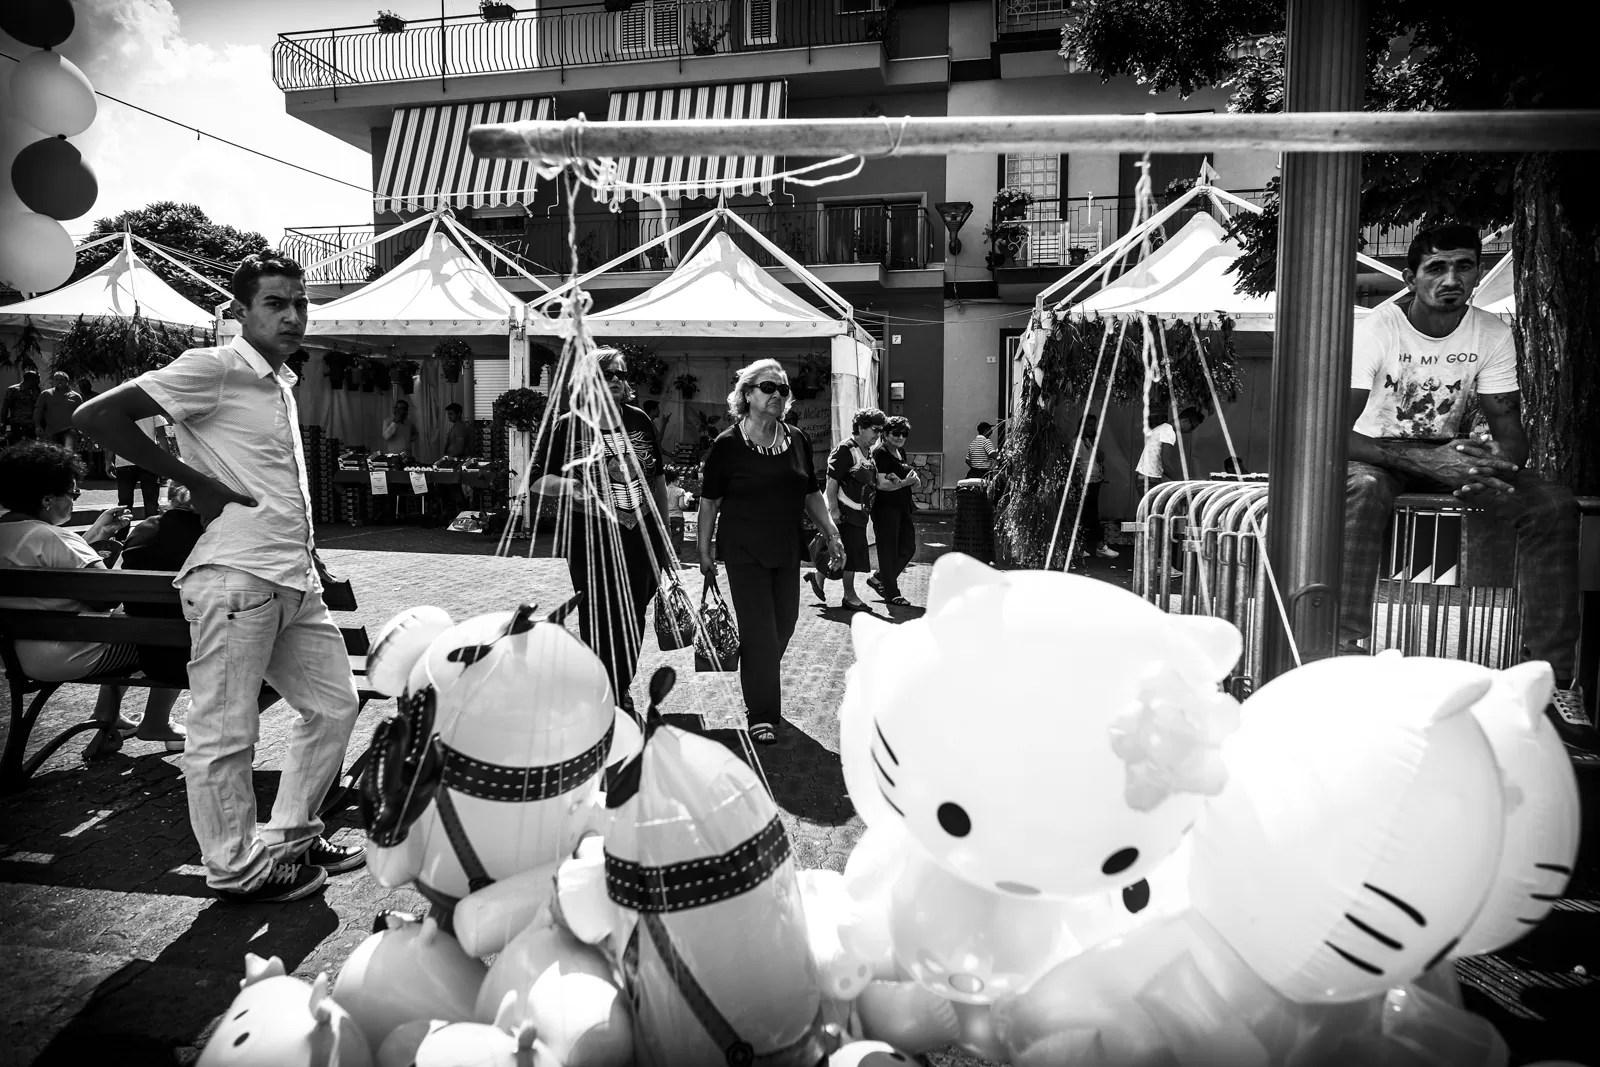 DSCF0675 - Un Giorno di festa - Sagra a Maletto [Street Photography] - fotostreet.it